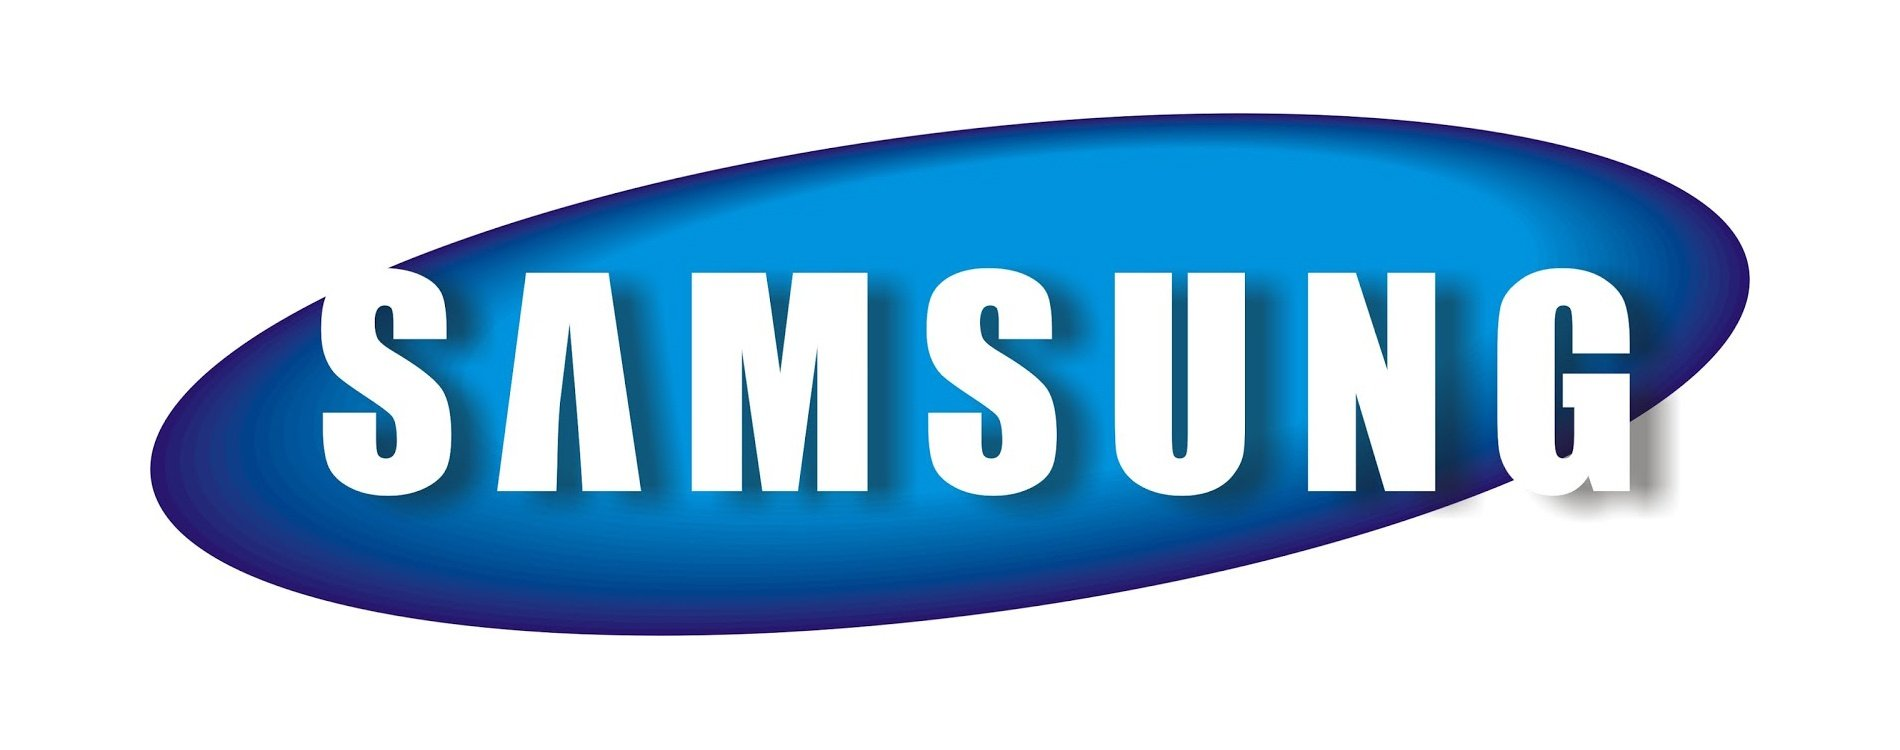 https://0901.nccdn.net/4_2/000/000/01e/20c/Samsung-Logo-1900x750.jpg